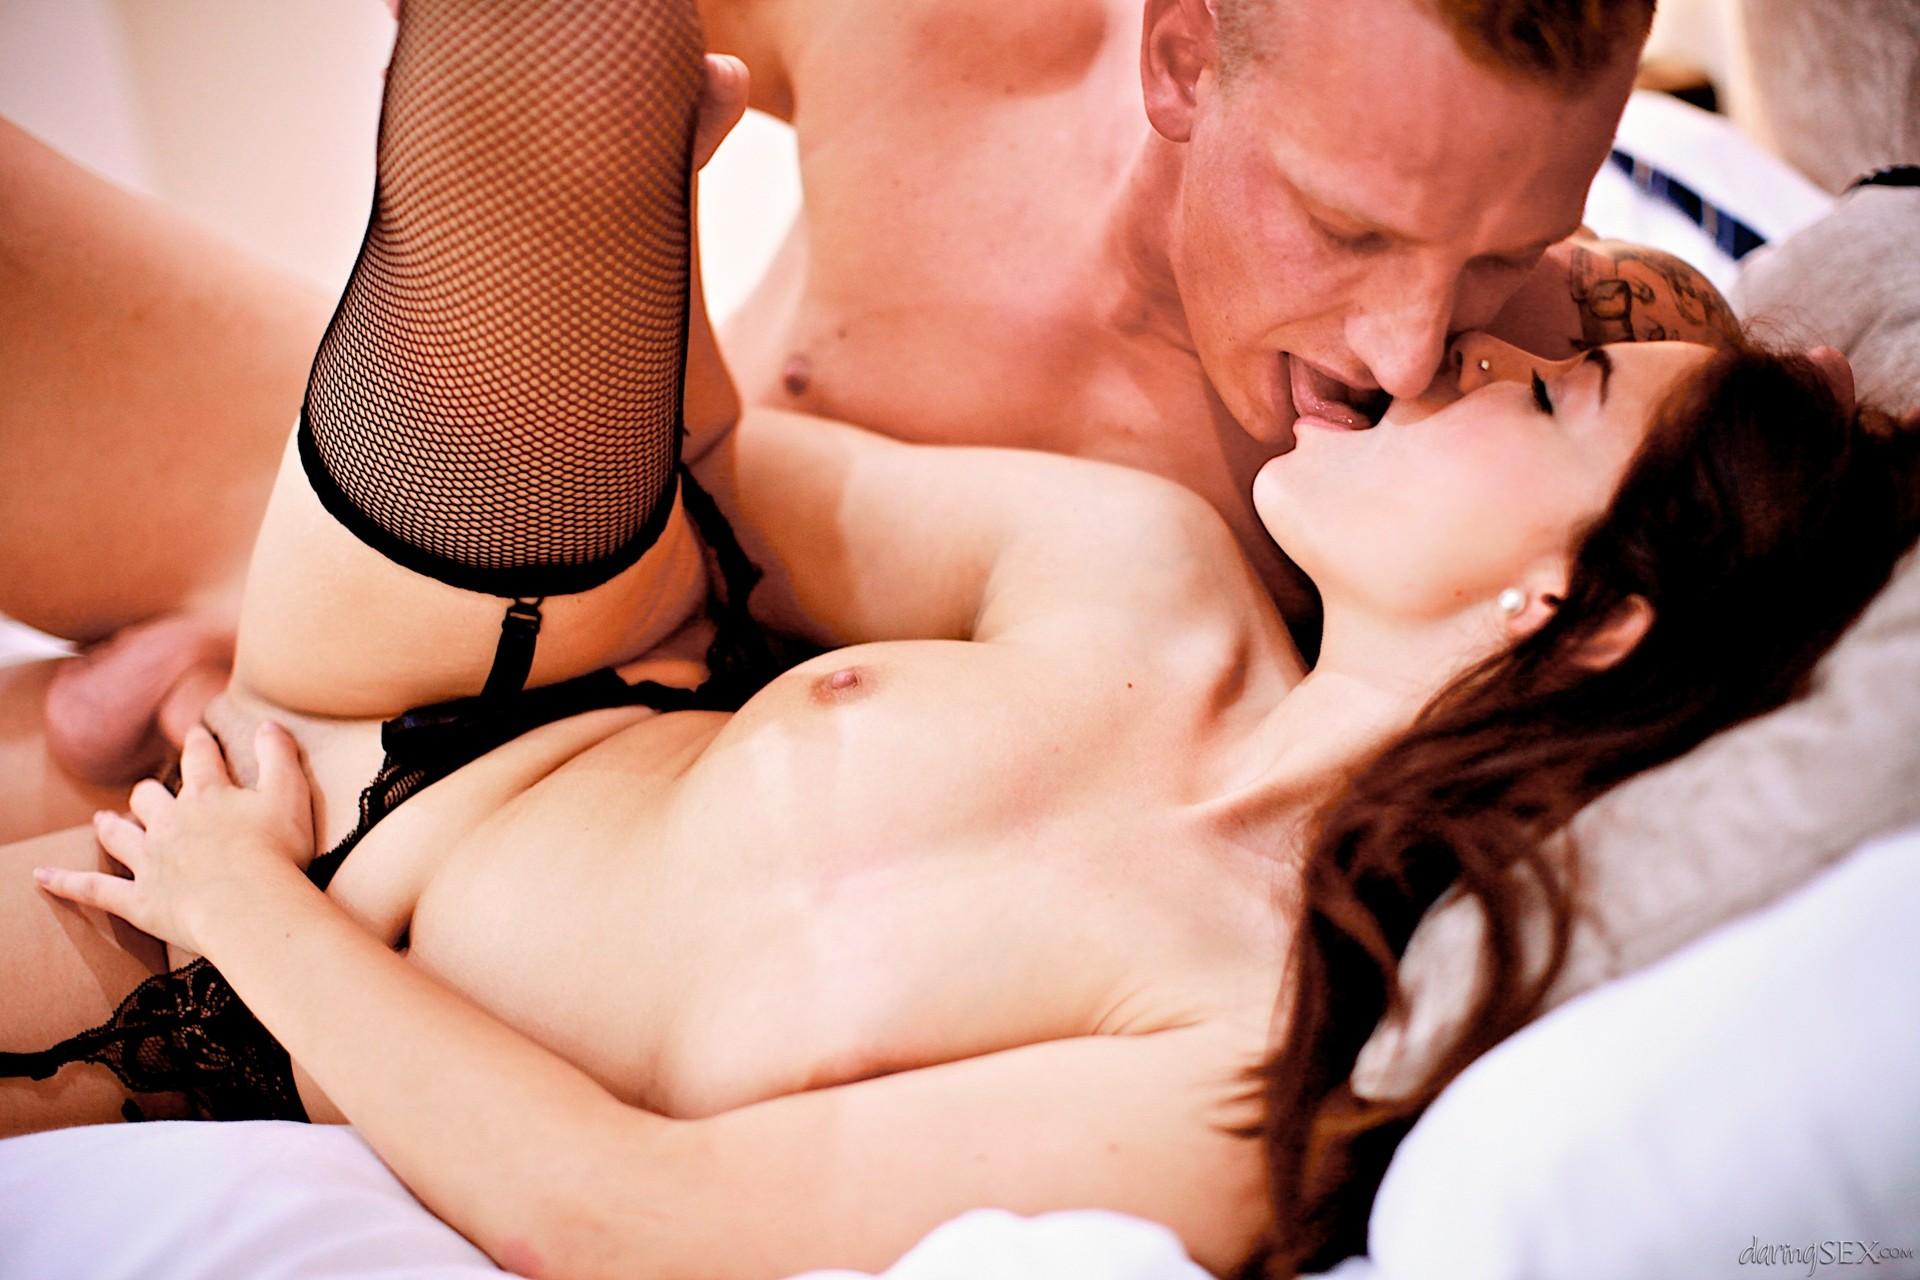 надоело обычное порно не возбуждает движений делай